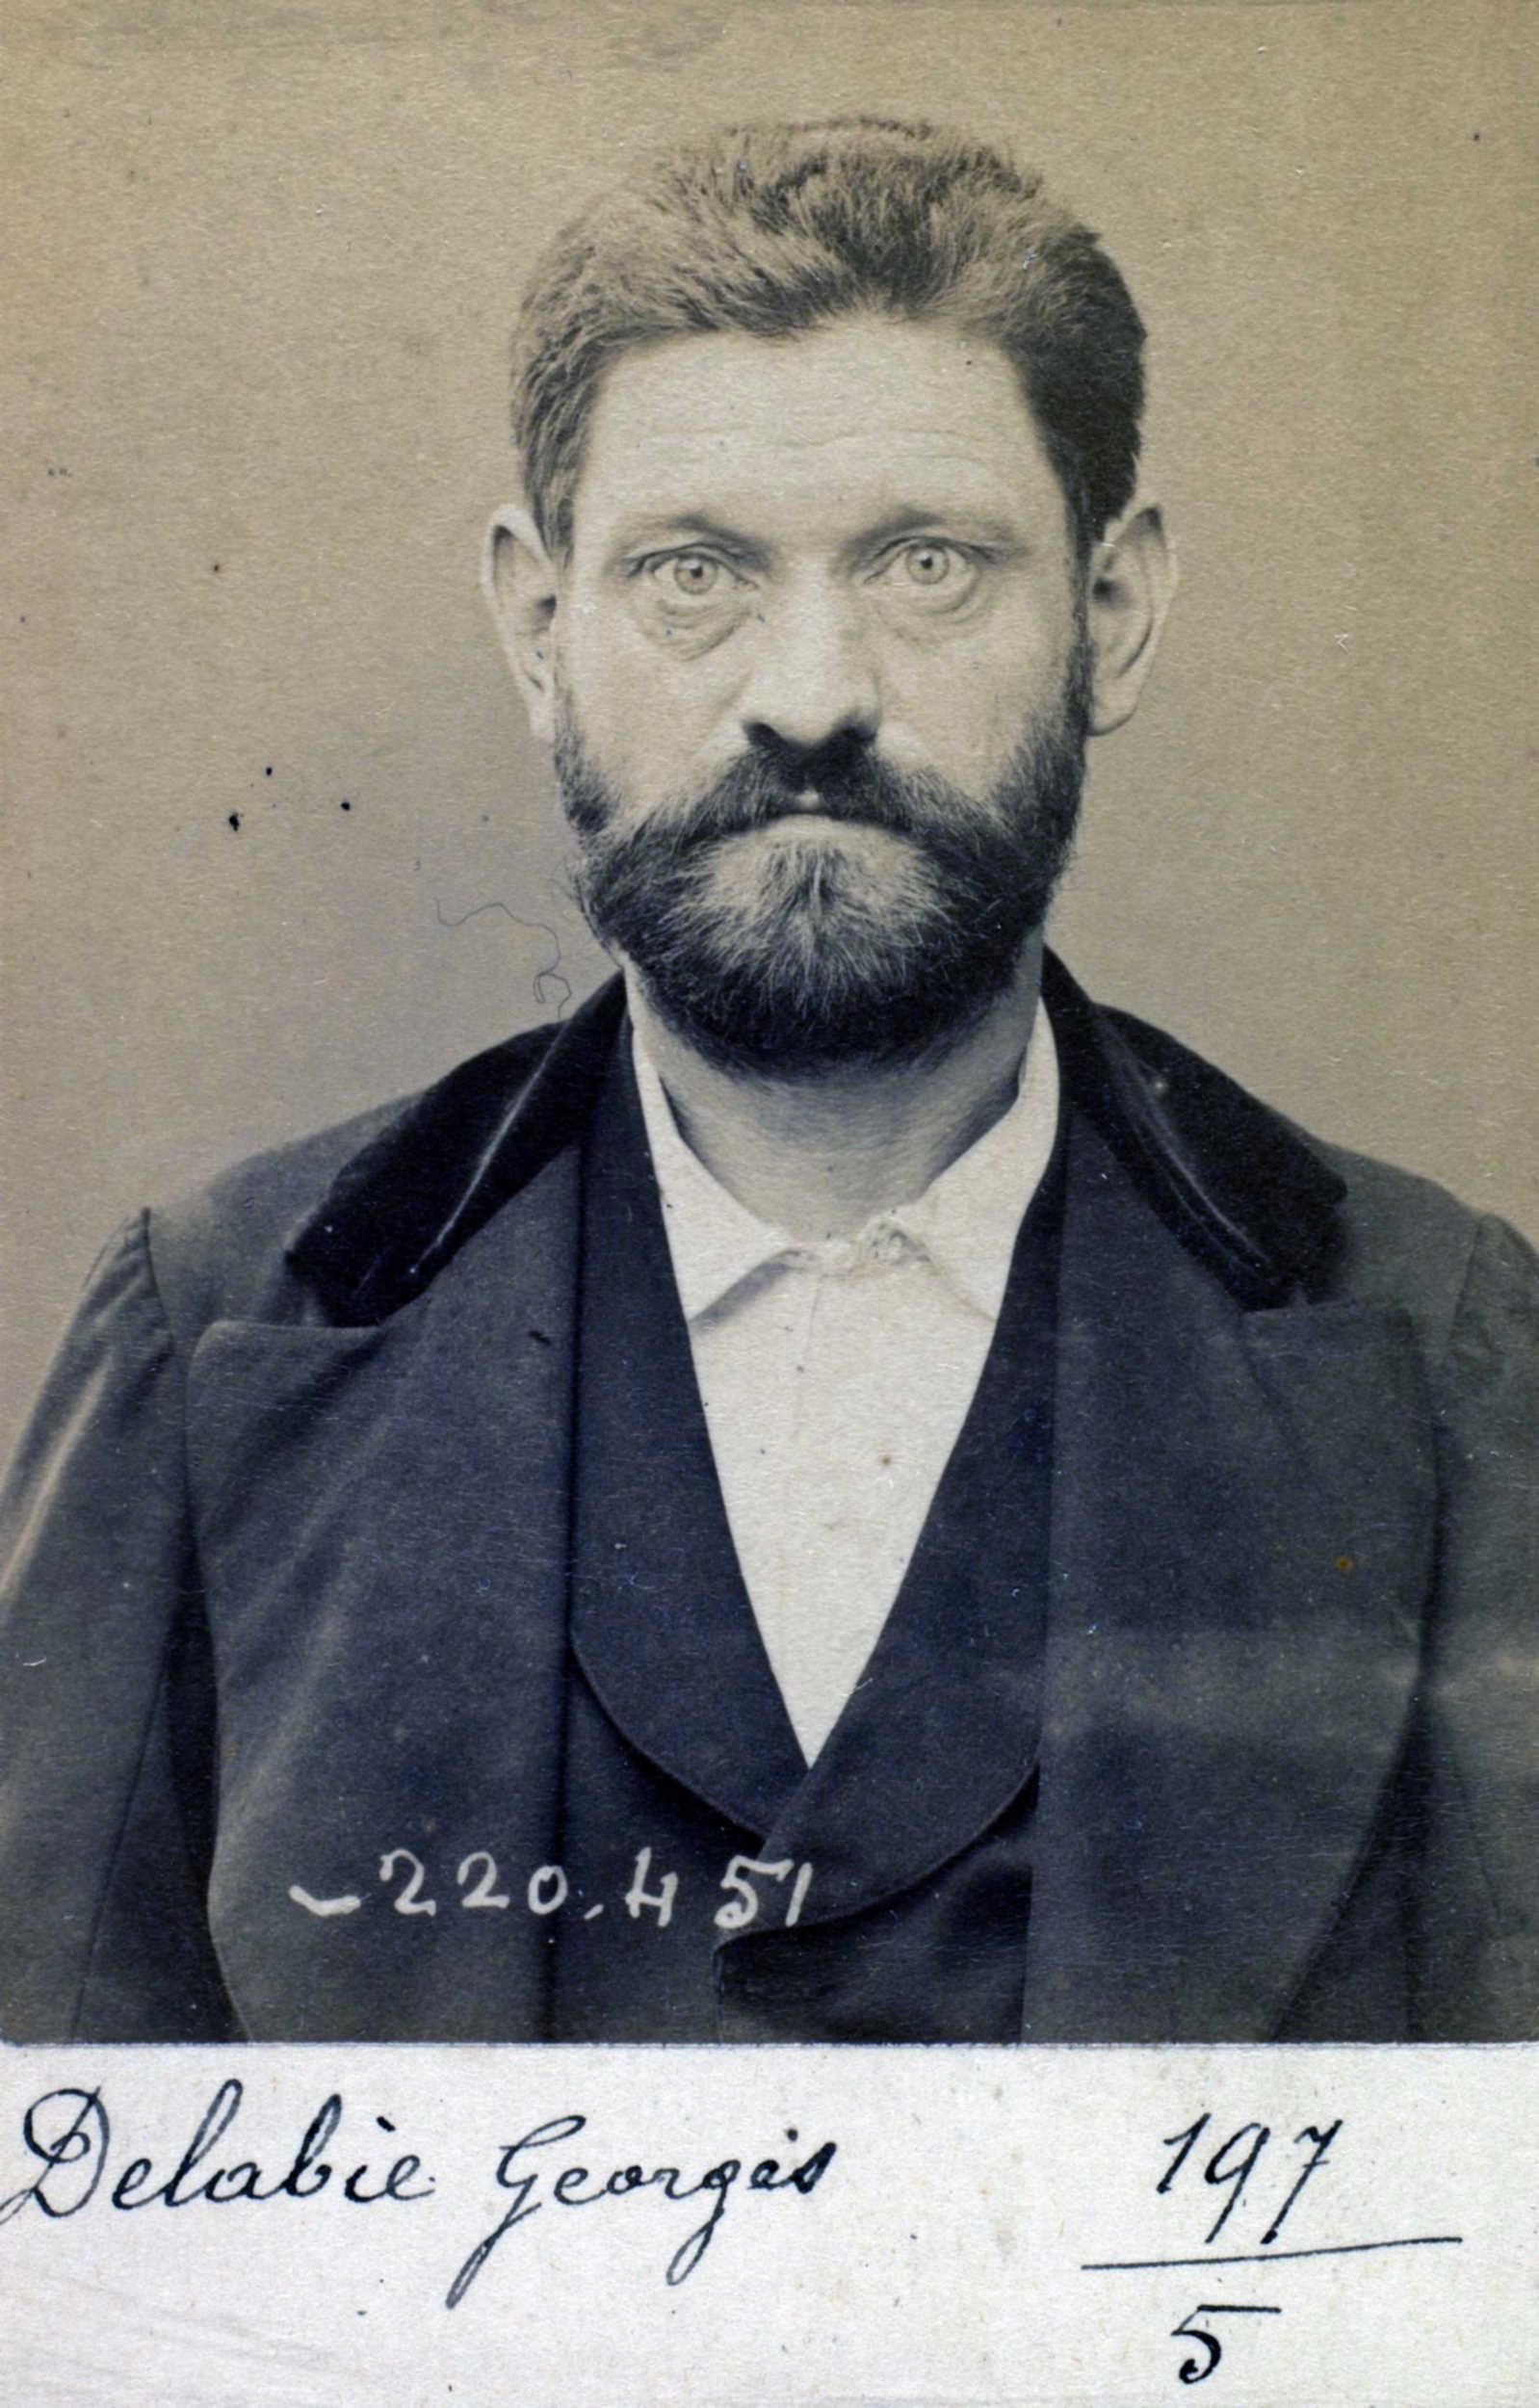 Foto policíaca de Georges Delabie (2 de juliiol de 1894)